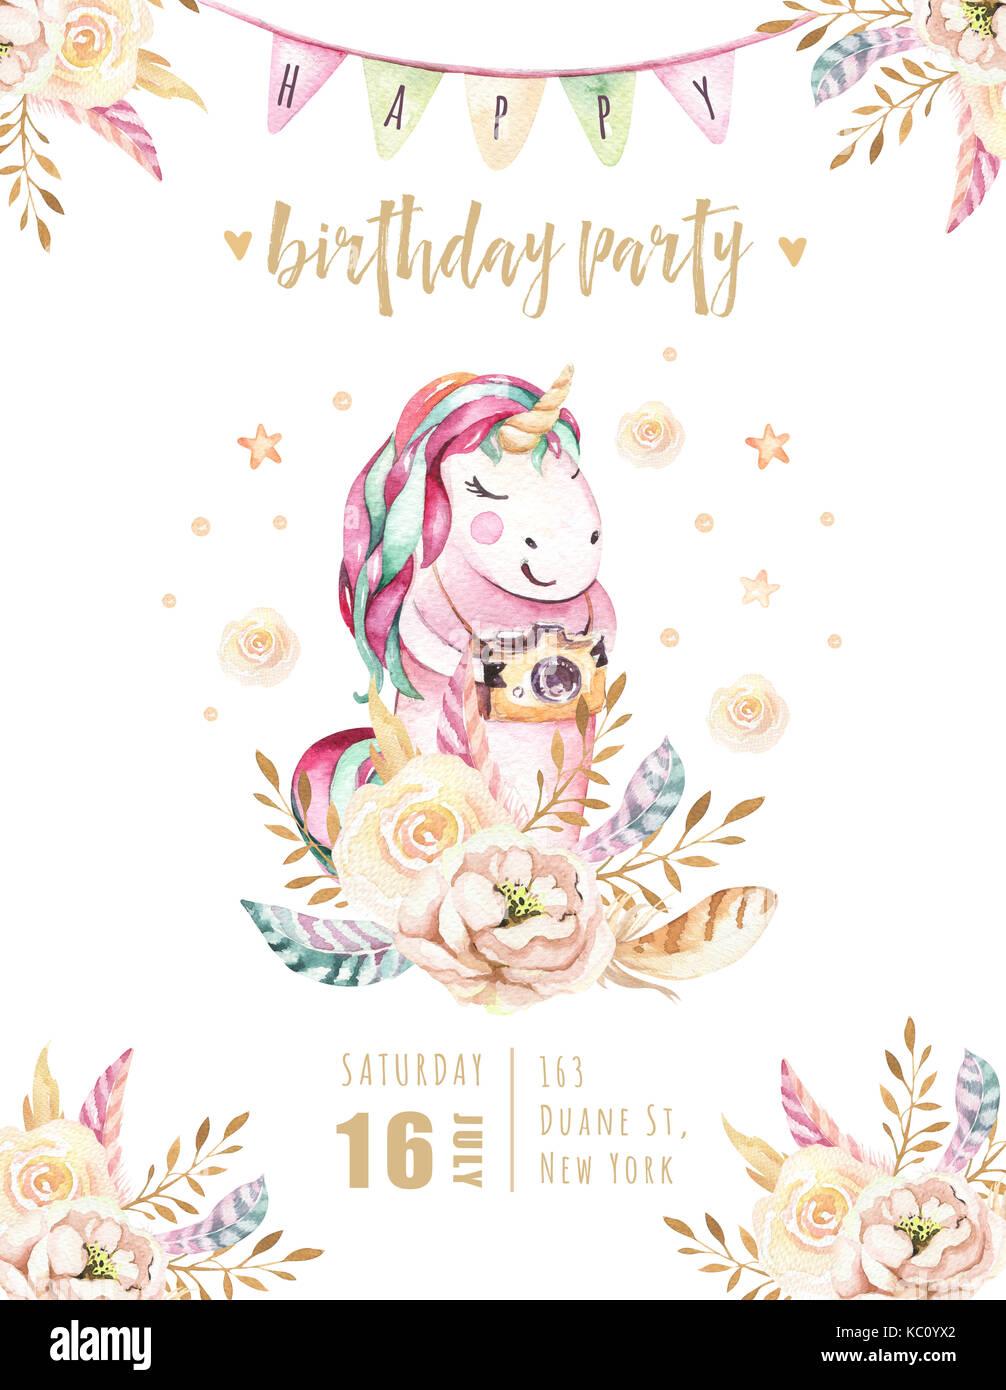 Cute Aquarell Einhorn Einladungskarte Isoliert. Baumschule Einhörner  Abbildung. Prinzessin Rainbow Einhörner Poster. Trendy Pink Cartoon Pferd.